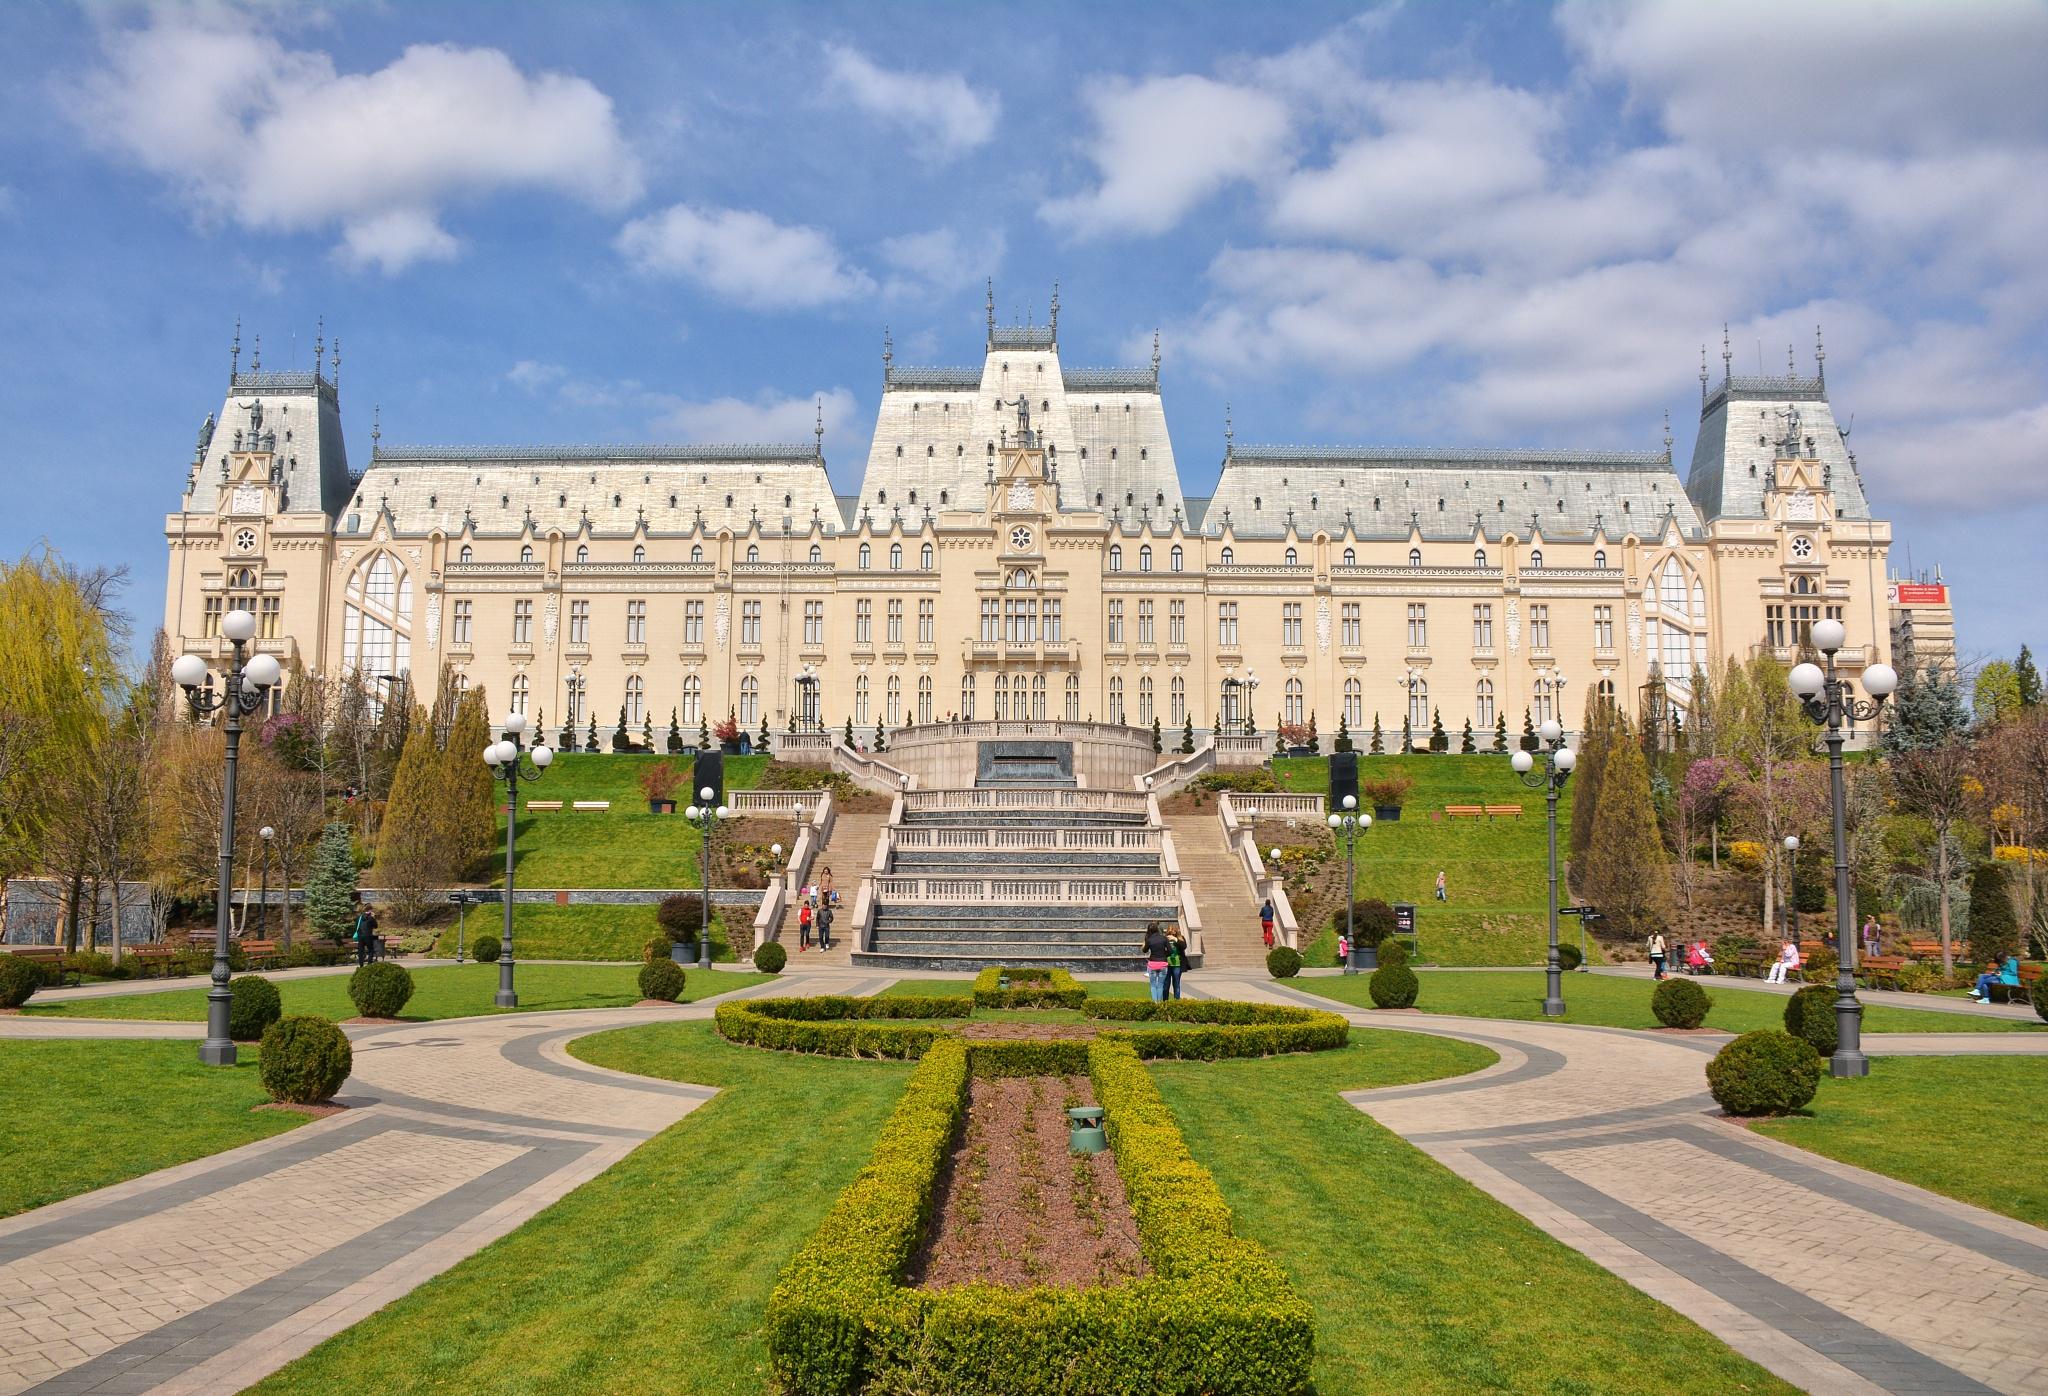 Palatul Culturii, Iași, Romania by maradesign